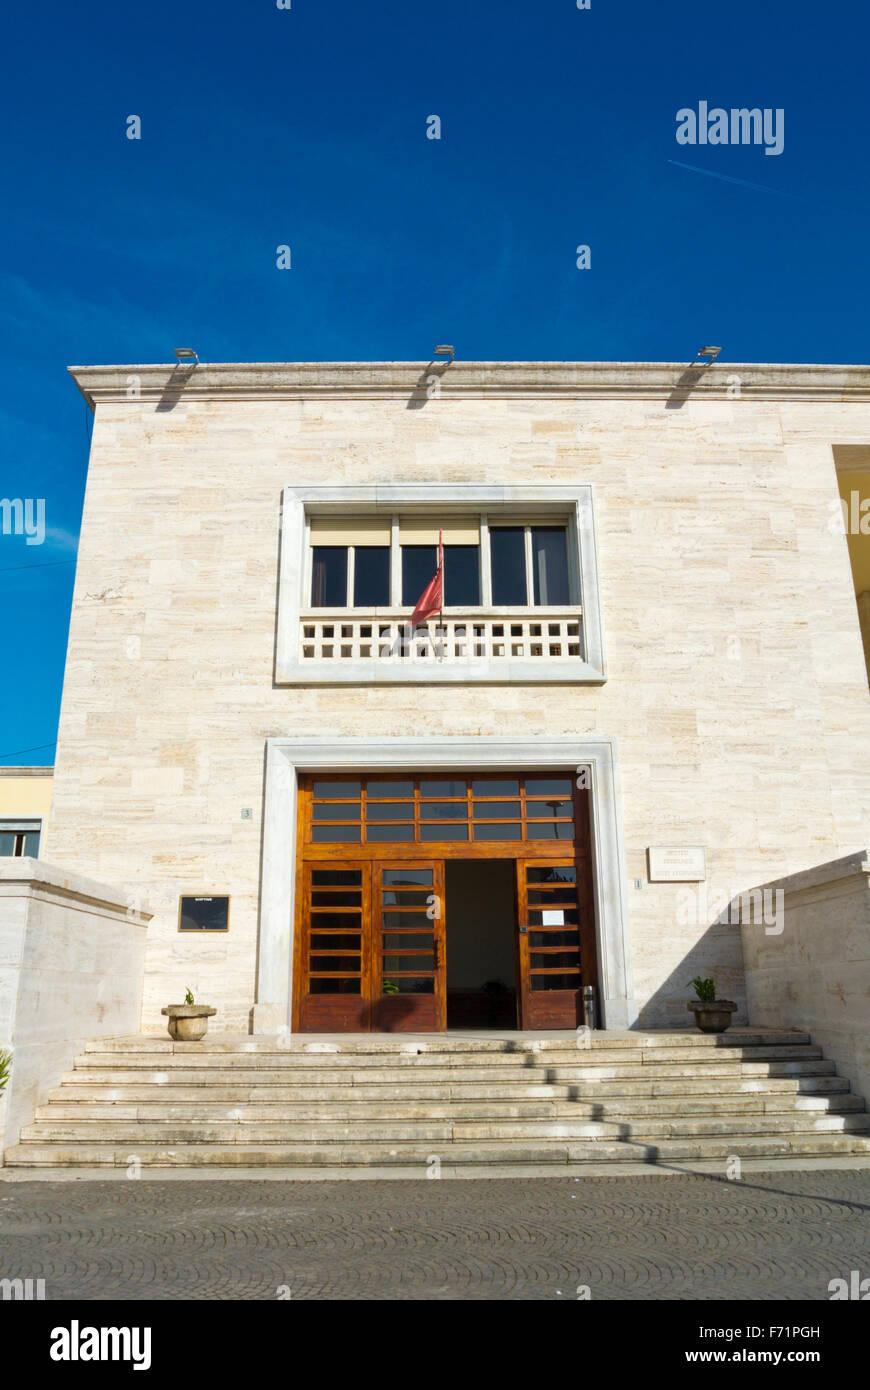 Muzeu Kombetar Arkeologjik, National Archaeological Museum, Tirana, Albania - Stock Image